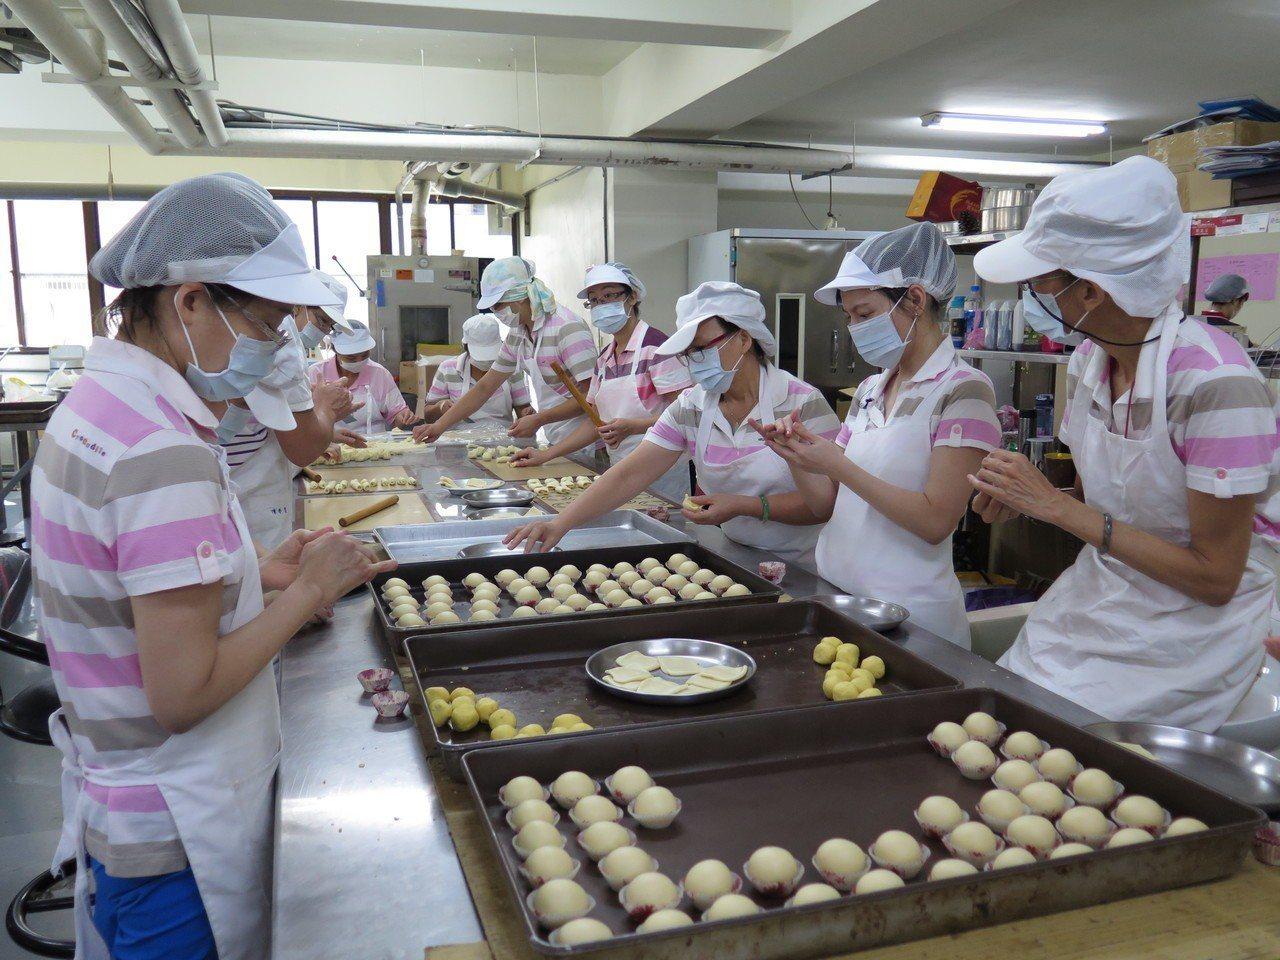 桃園區農會每到中秋前夕都在趕工做月餅,生產線來自供銷部、信用部等部門員工,完全不...